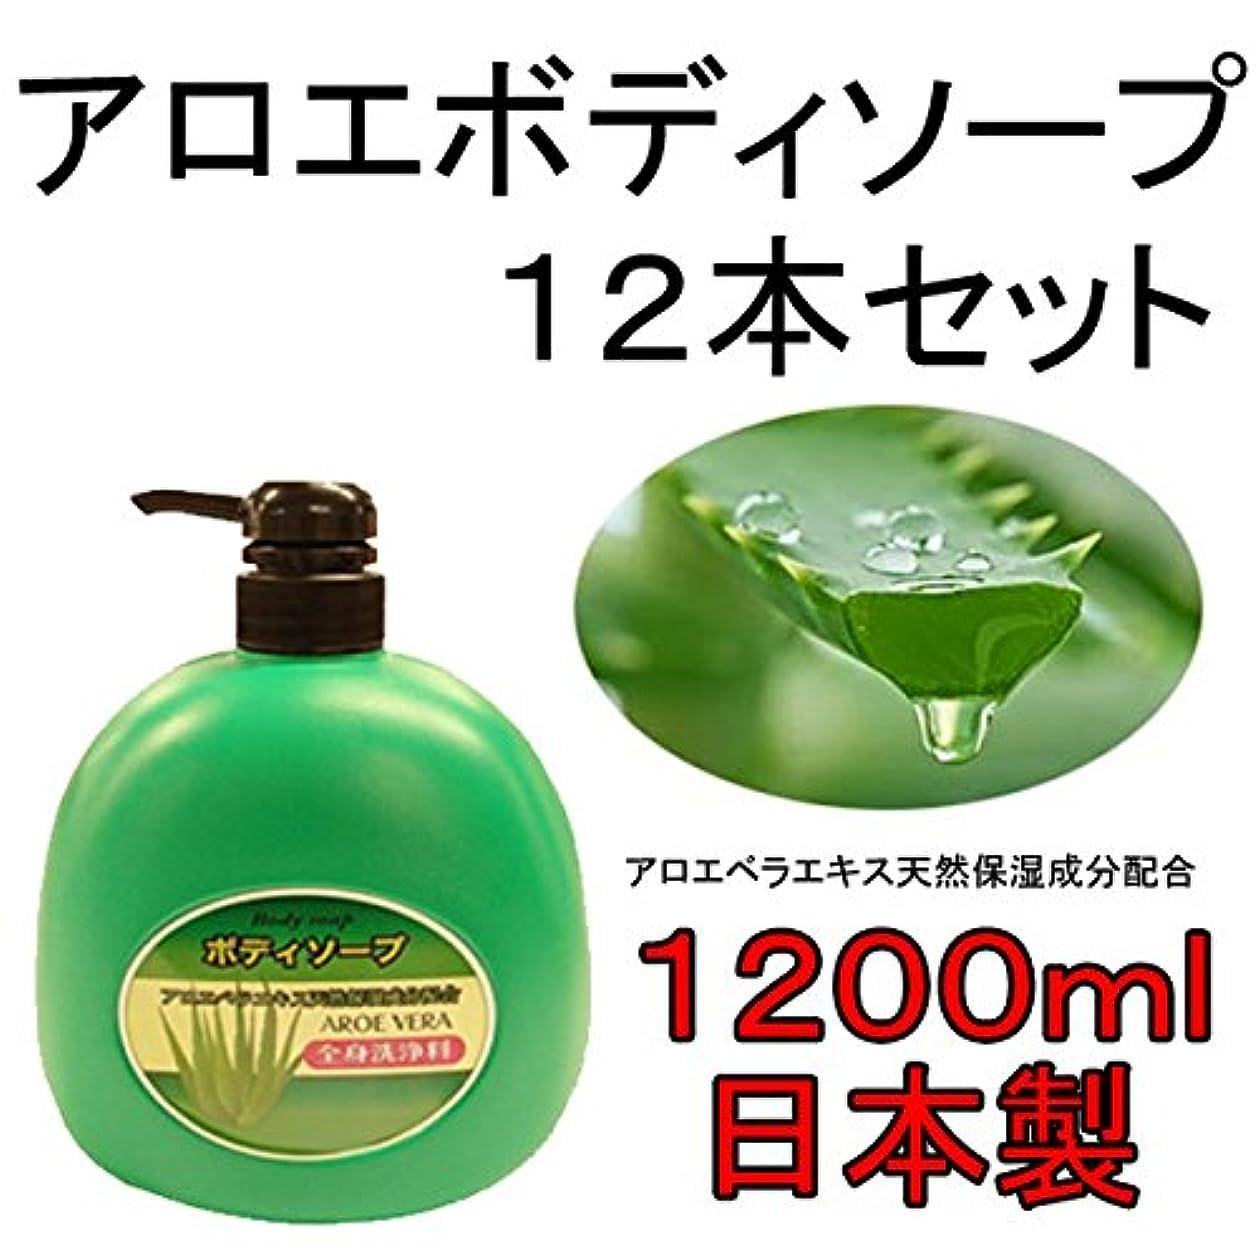 ミルク曖昧なホップ高級アロエボディソープ12本セット アロエエキスたっぷりでお肌つるつる 国産?日本製で安心/約1年分1本1200mlの大容量でお得 液体ソープ ボディソープ ボディシャンプー 風呂用 石鹸 せっけん 全身用ソープ body soap aroe あろえ